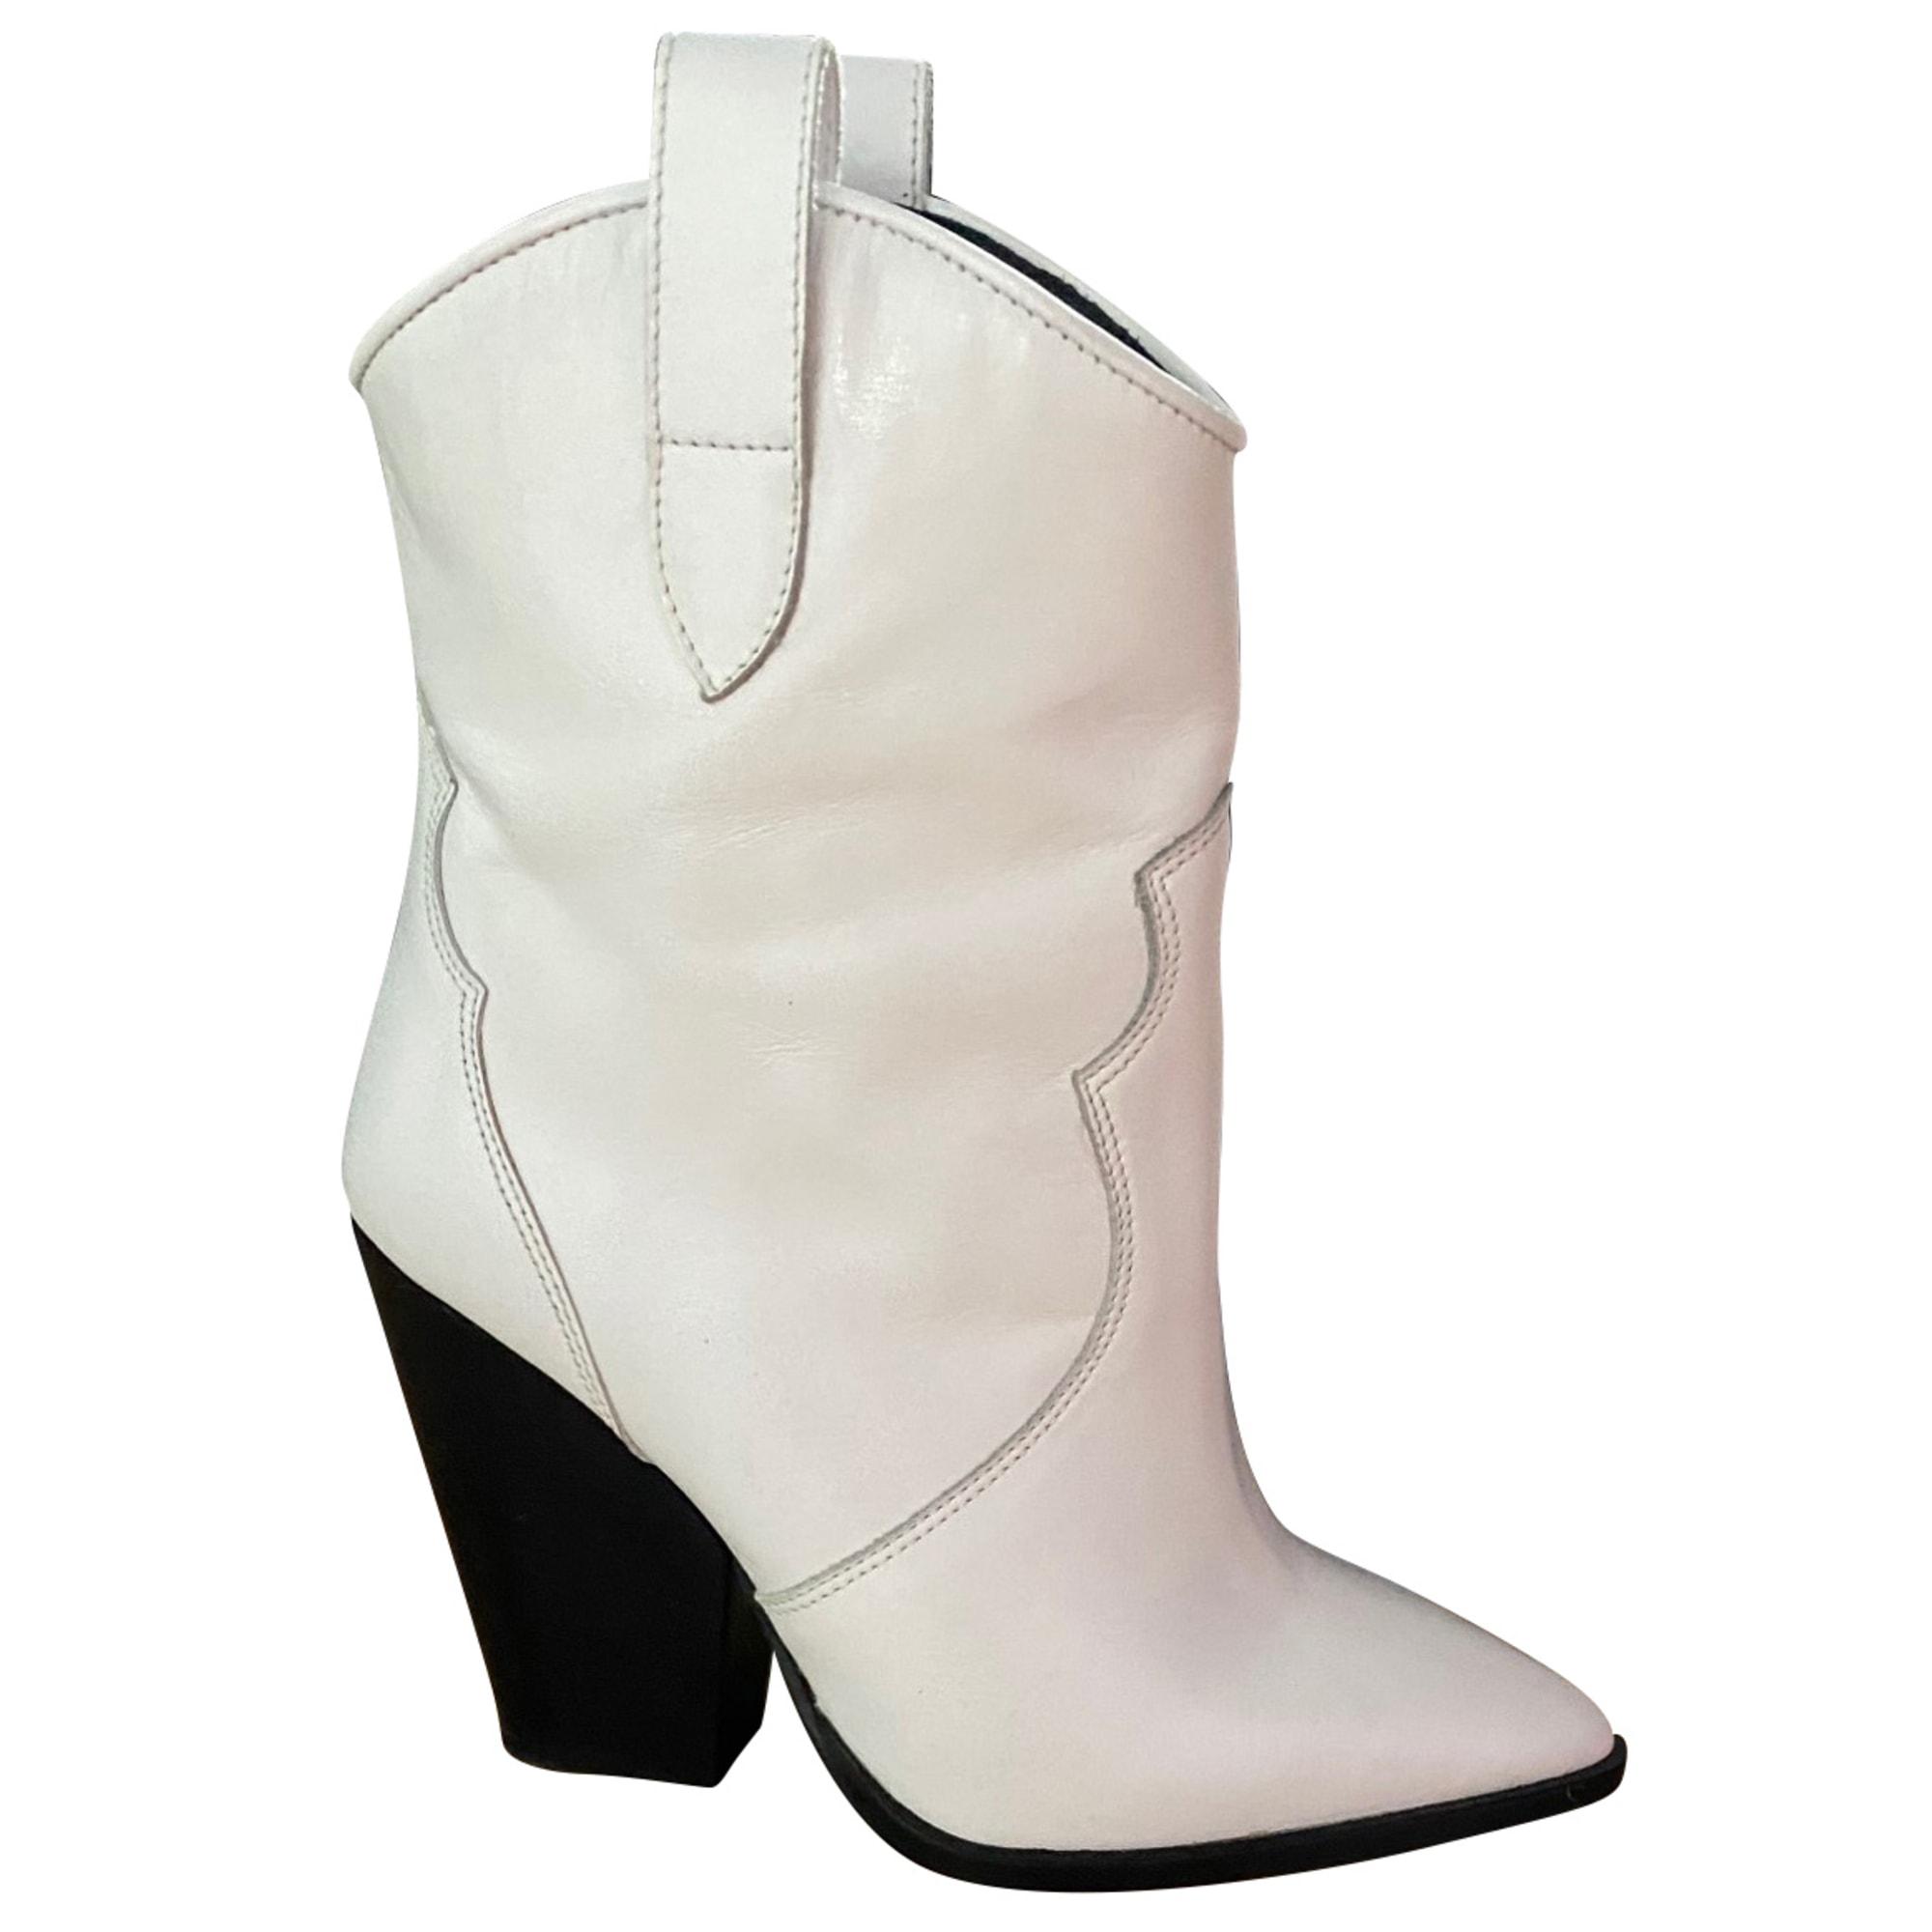 Bottines & low boots à compensés BEL AIR Blanc, blanc cassé, écru